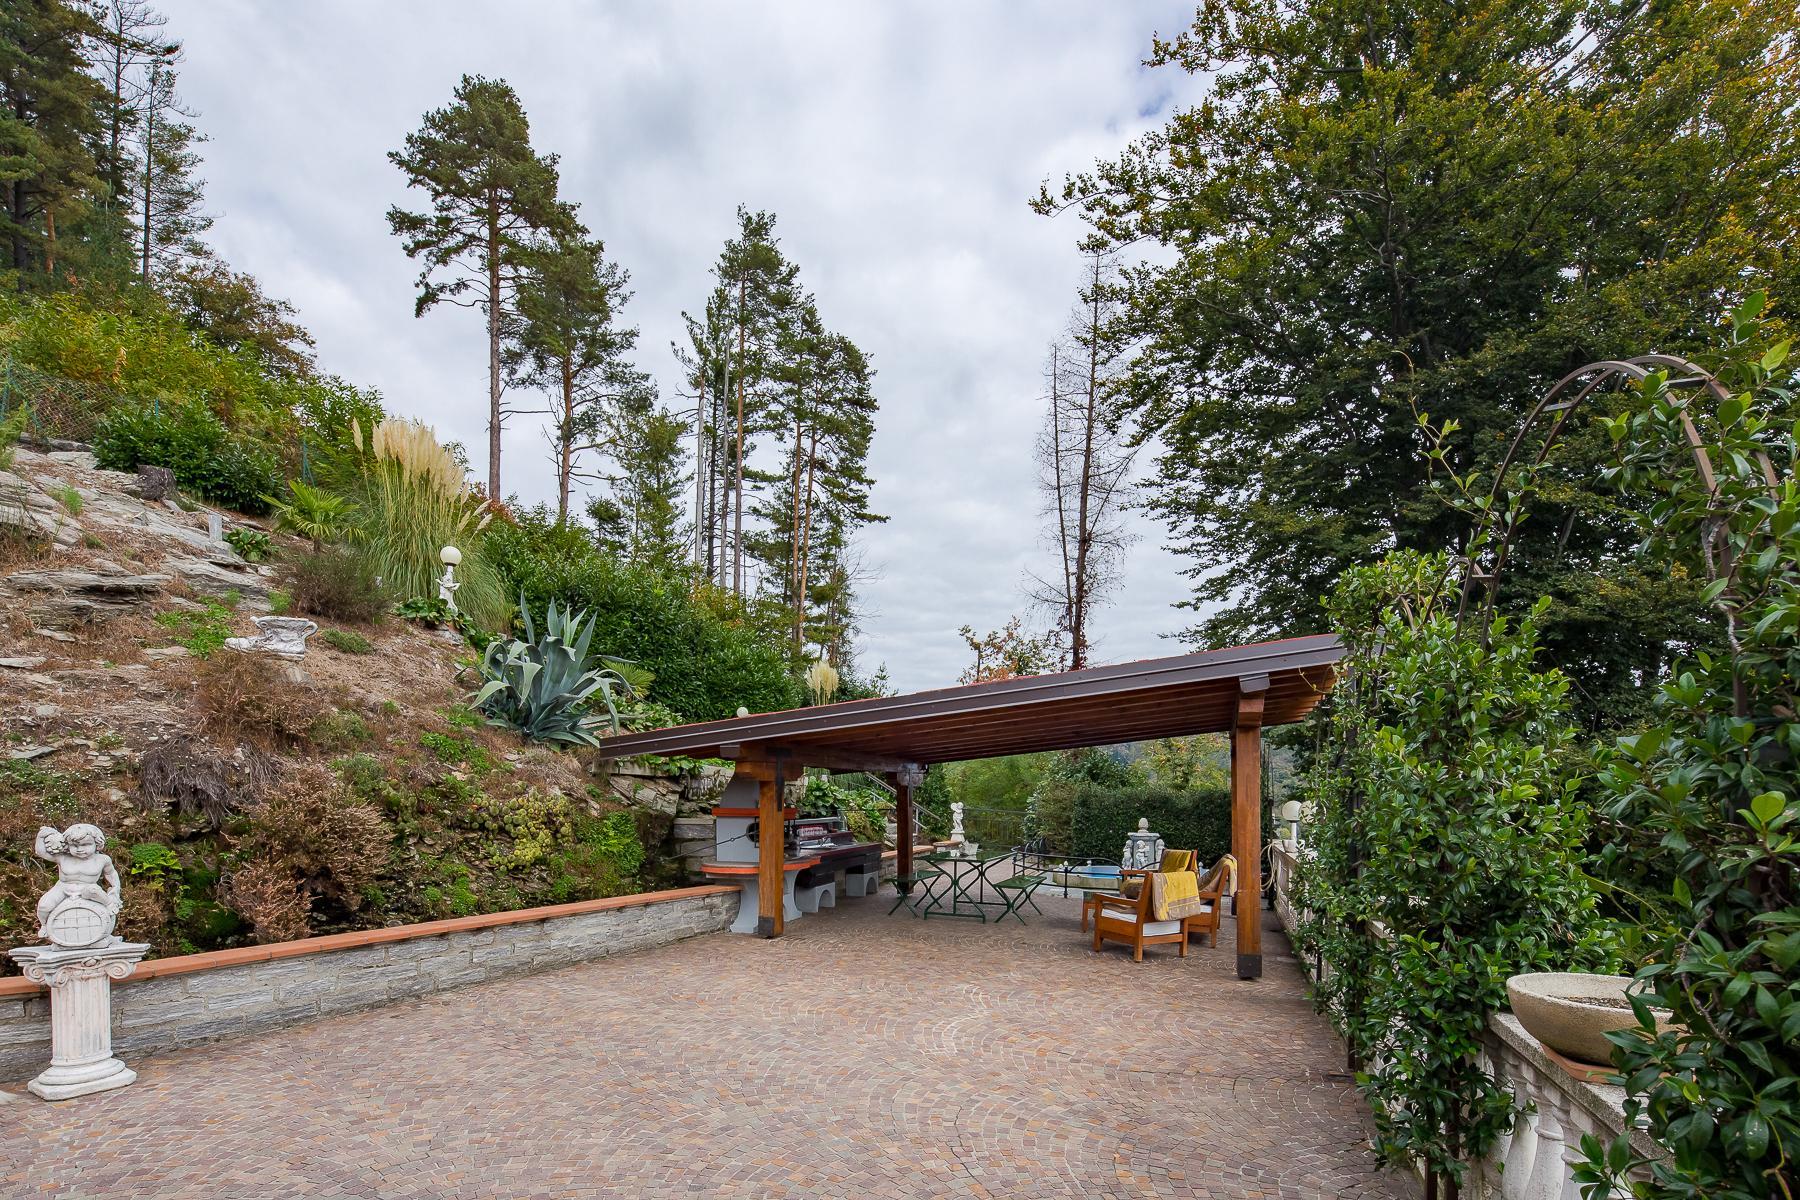 Villa unifamiliare nella zona collinare di Verbania con vista magnifica sul lago - 9